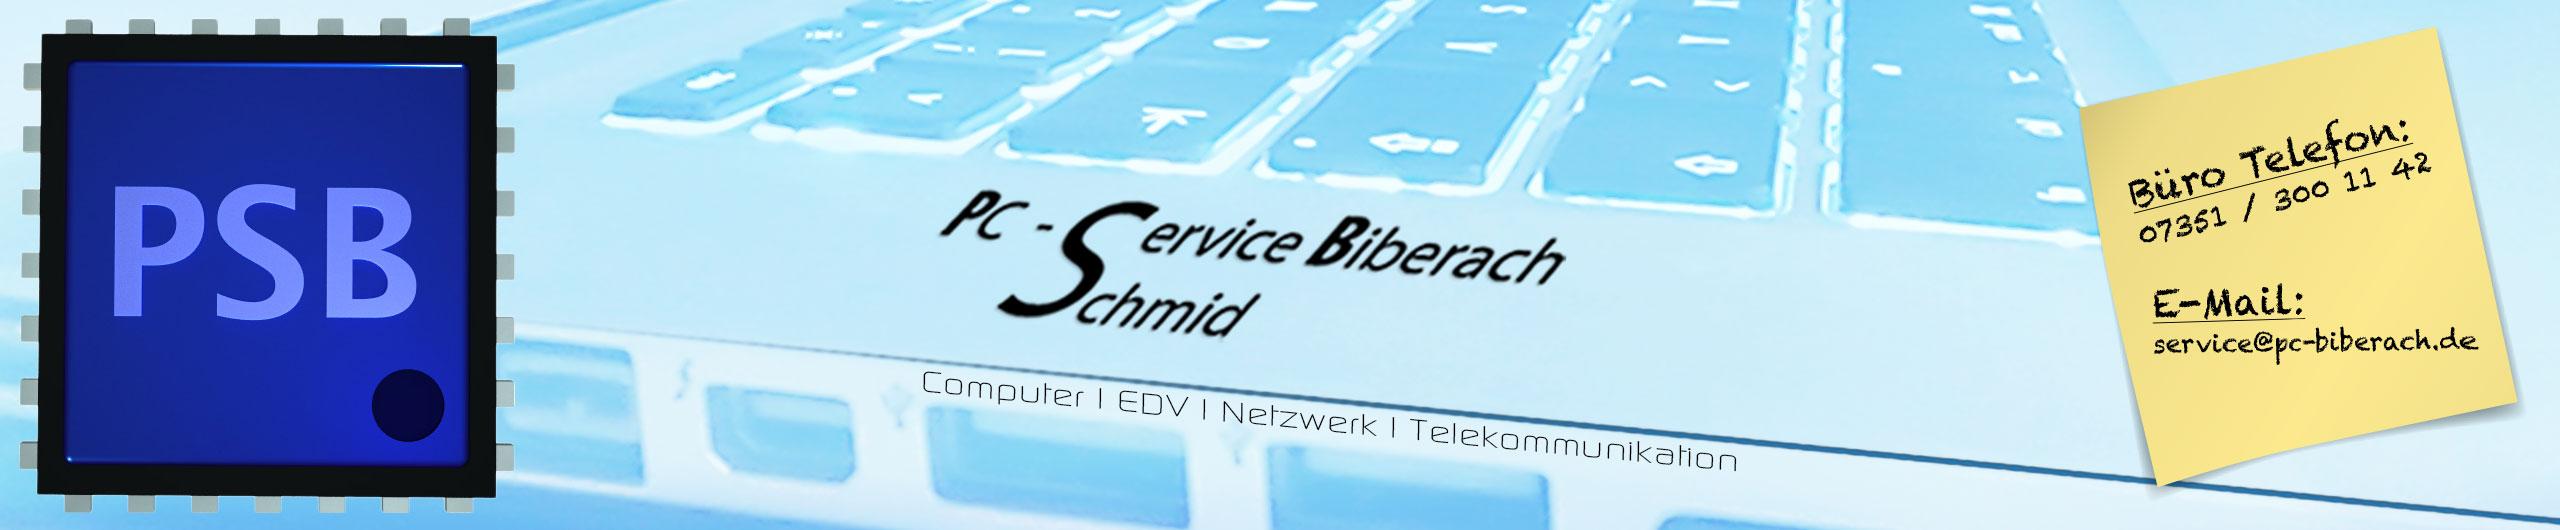 PC-Biberach<span>.</span>